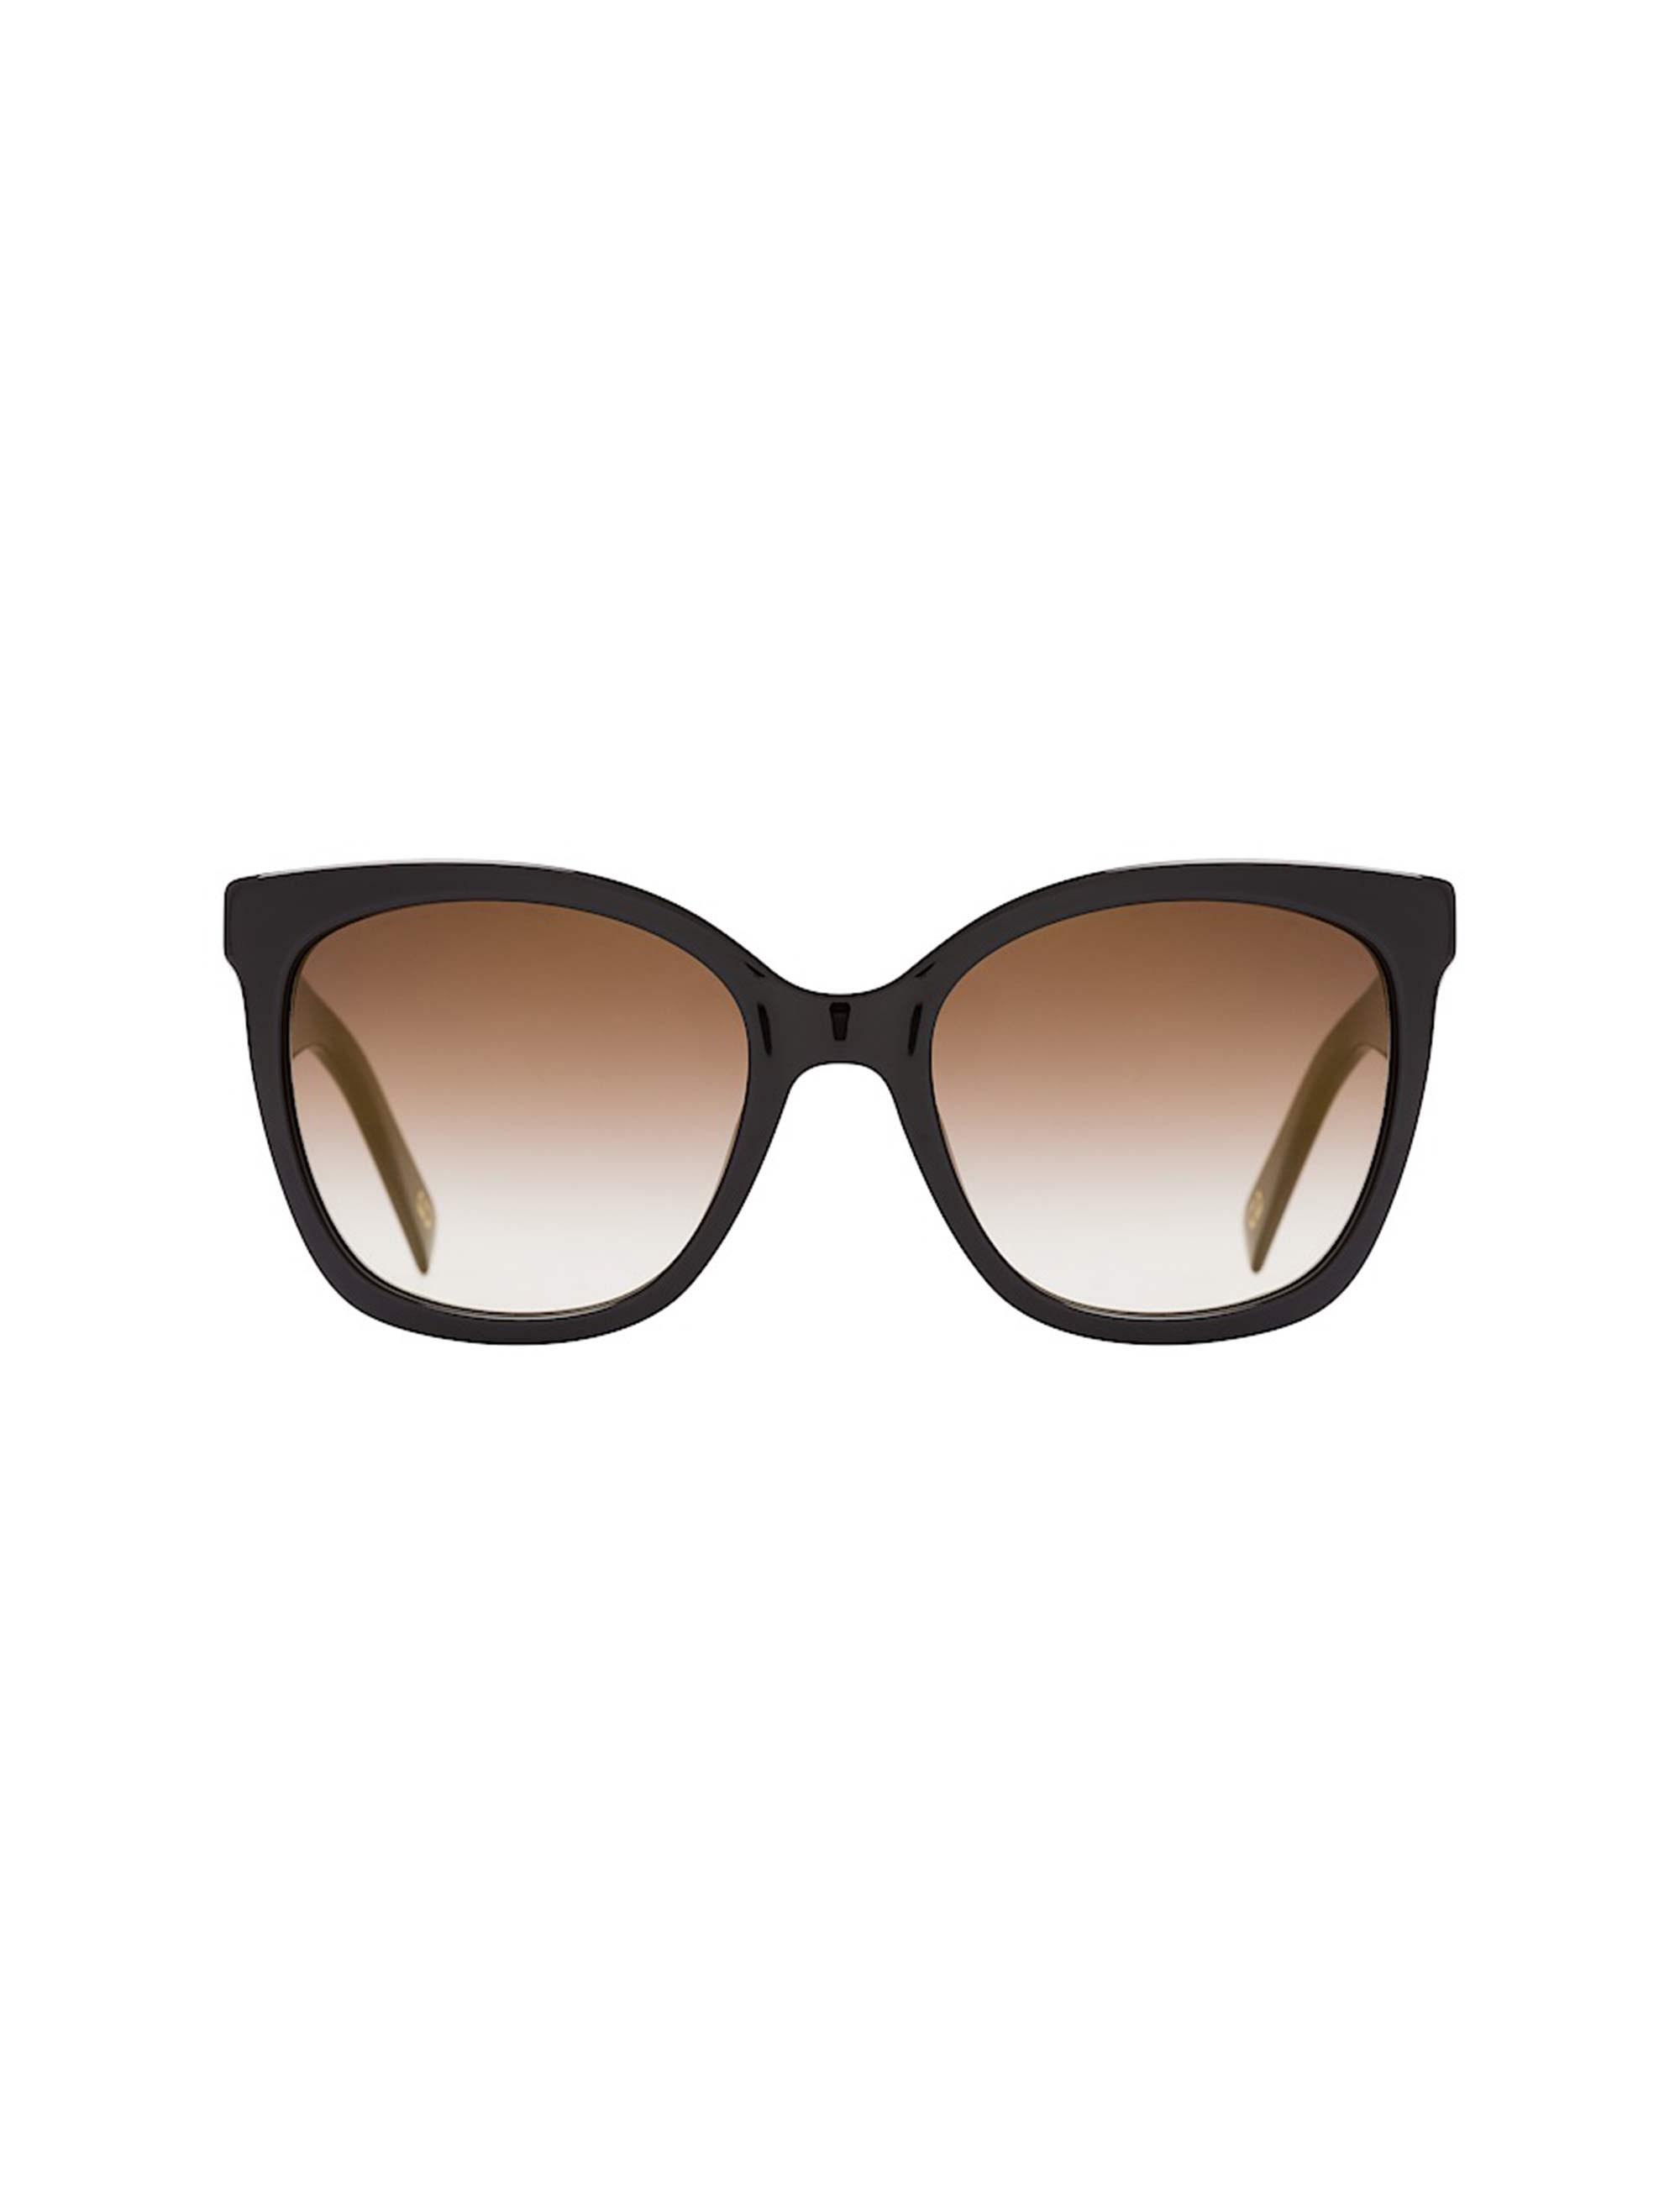 عینک آفتابی پروانه ای زنانه